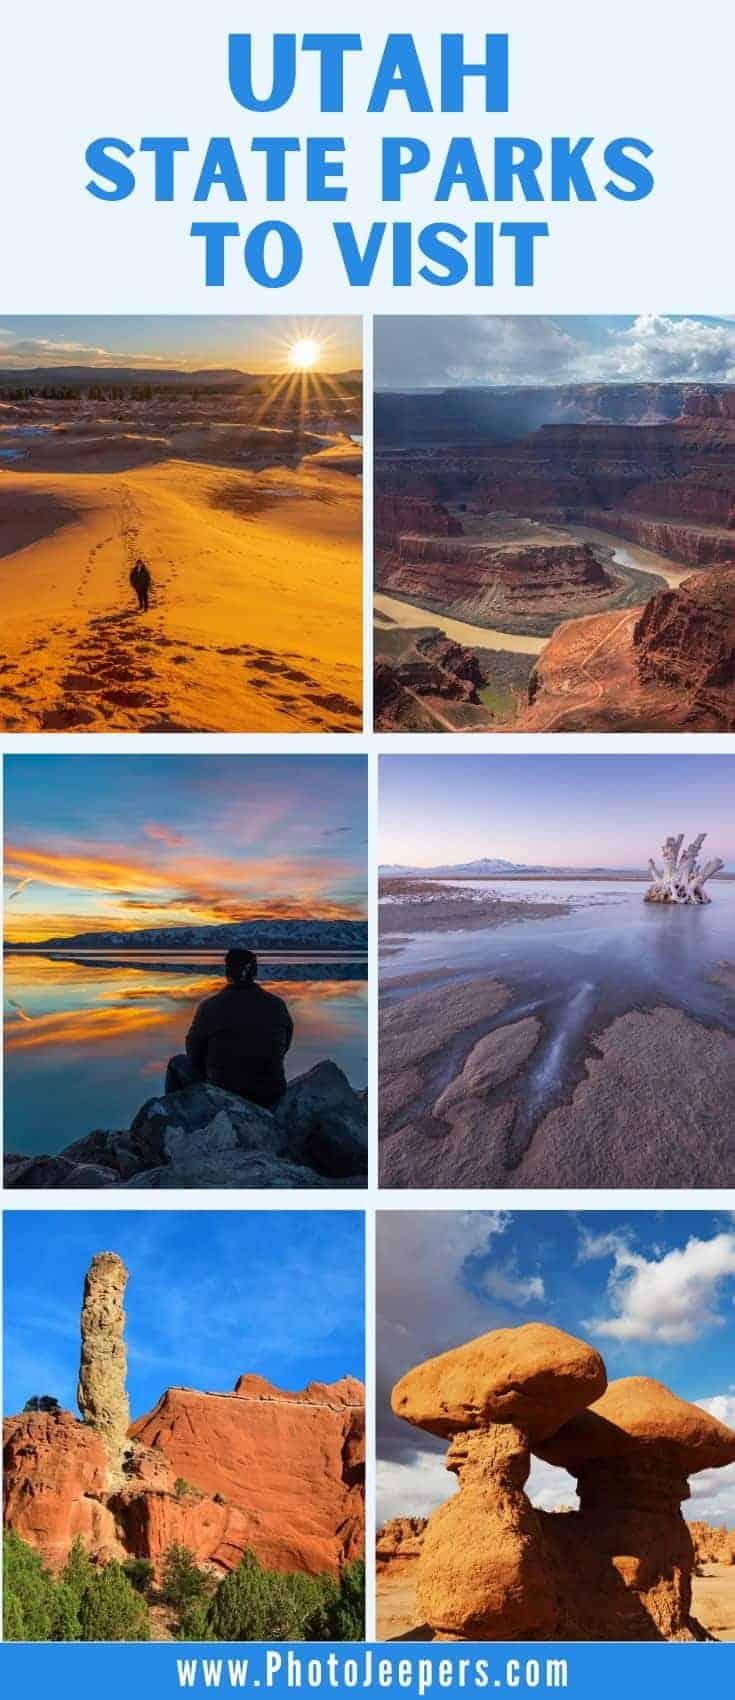 Utah State Parks to Visit